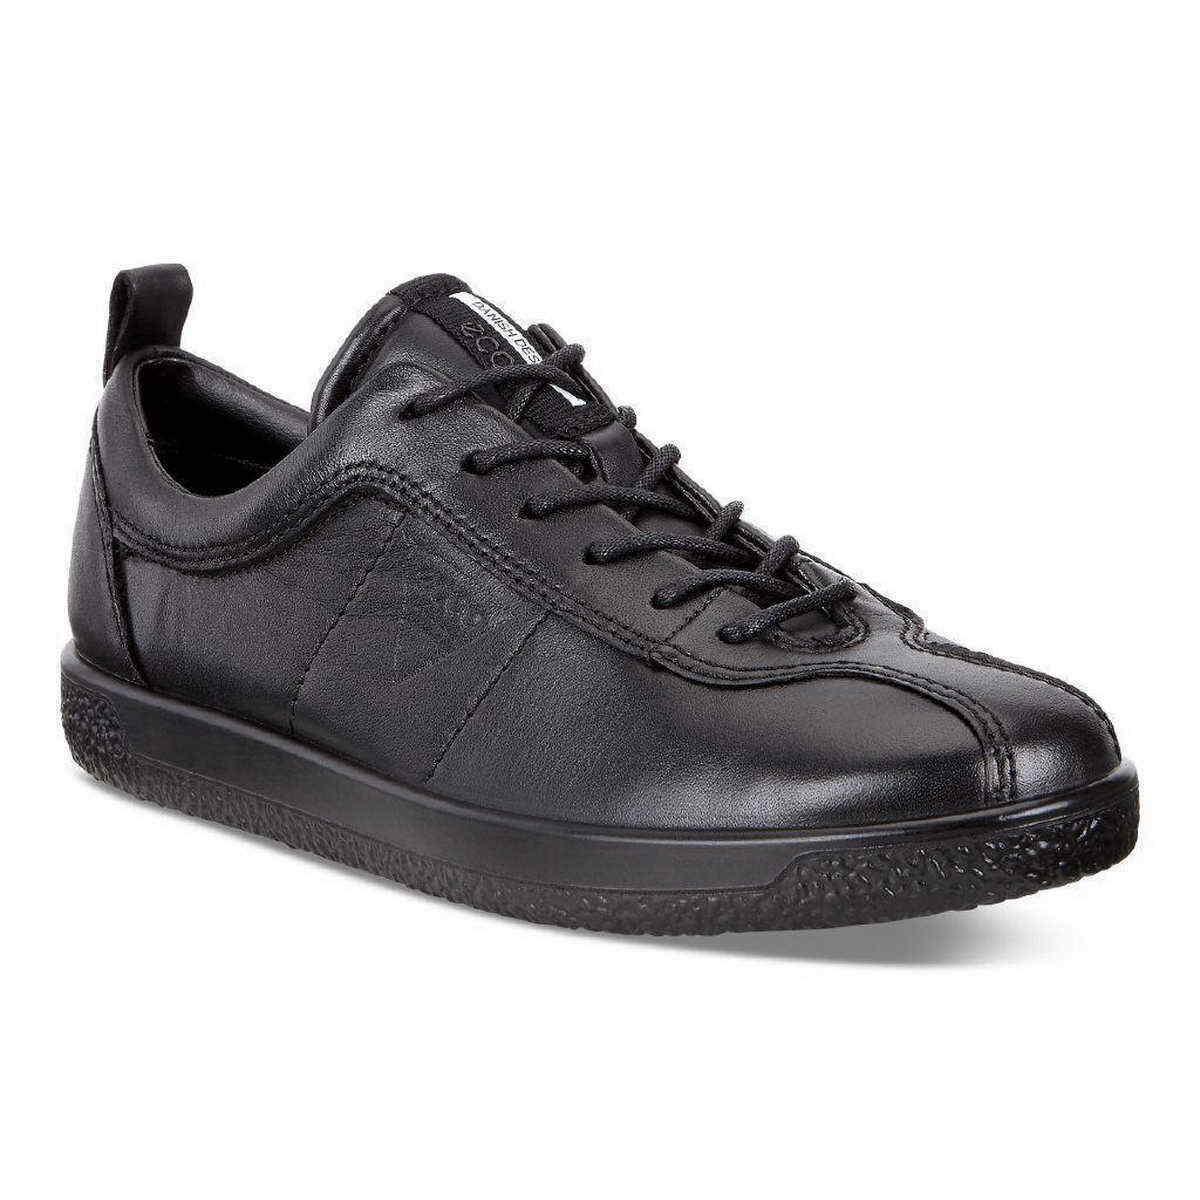 Ecco scarpe da ginnastica Soft 1 NERO nero PELLE LACCI LACCI LACCI INSERTO 400503 0100 1 7abf69